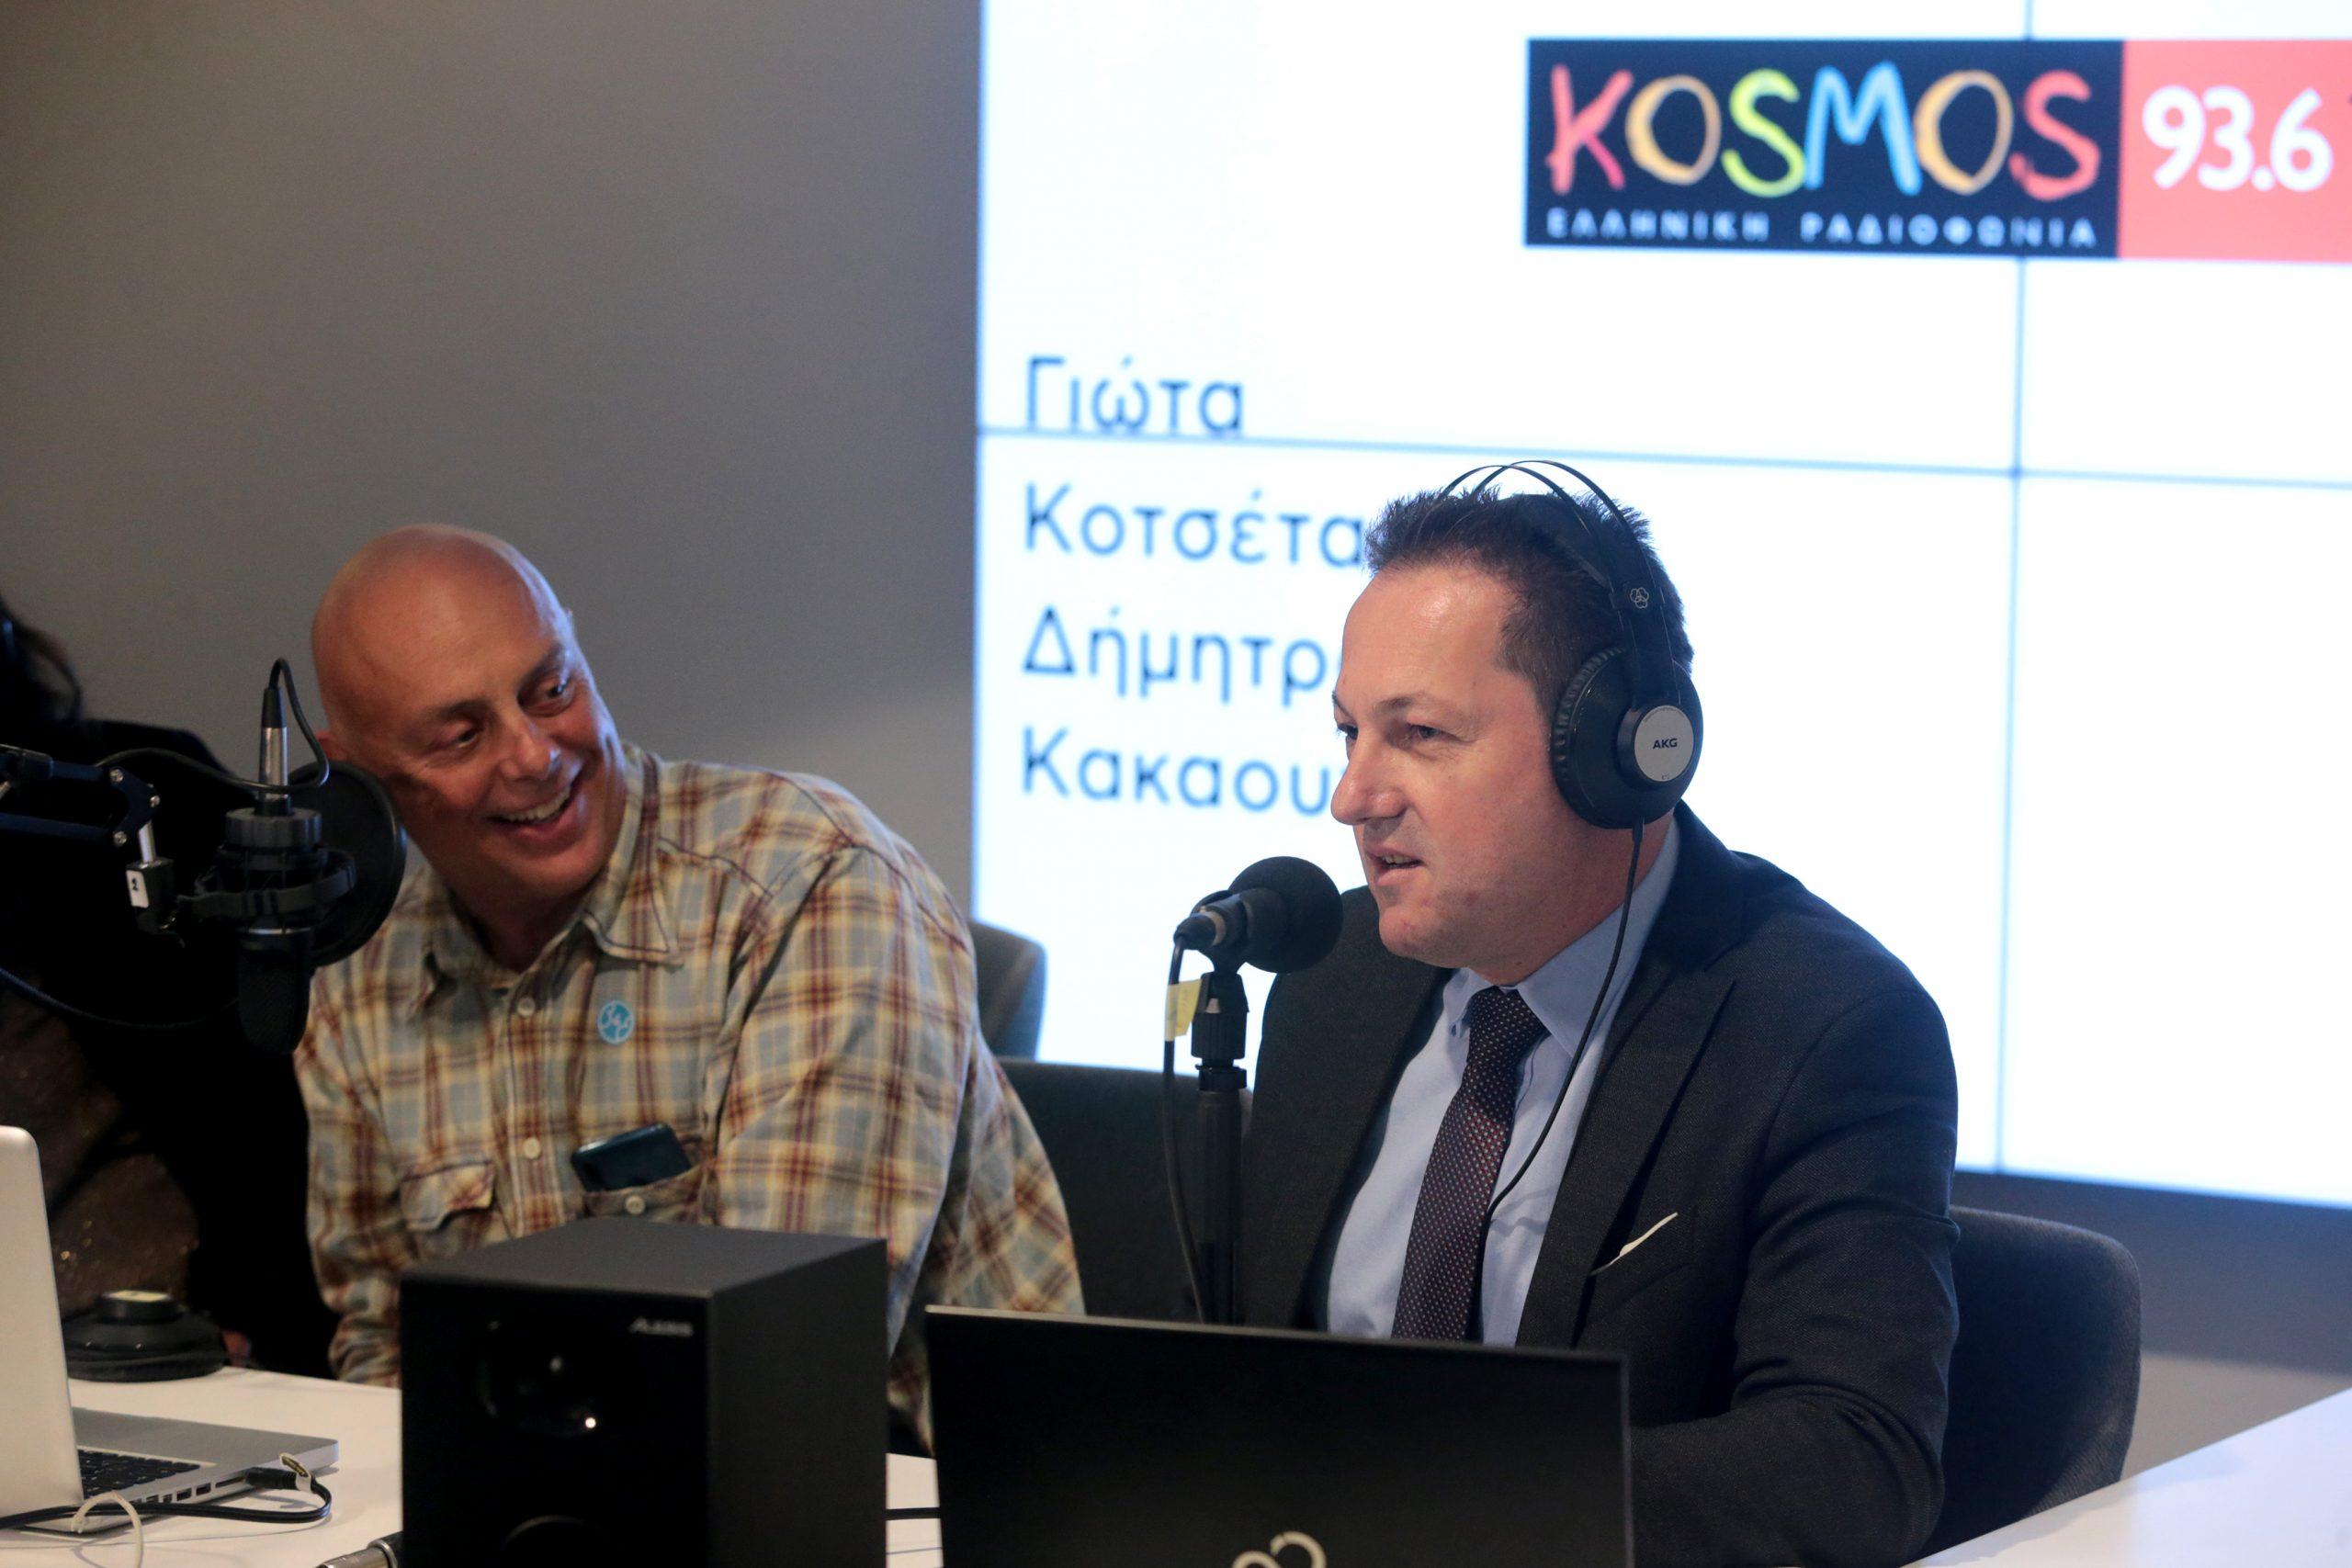 Σ. Πέτσας: «Μεγάλωσα με το ραδιόφωνο και τον Γιάννη Πετρίδη»